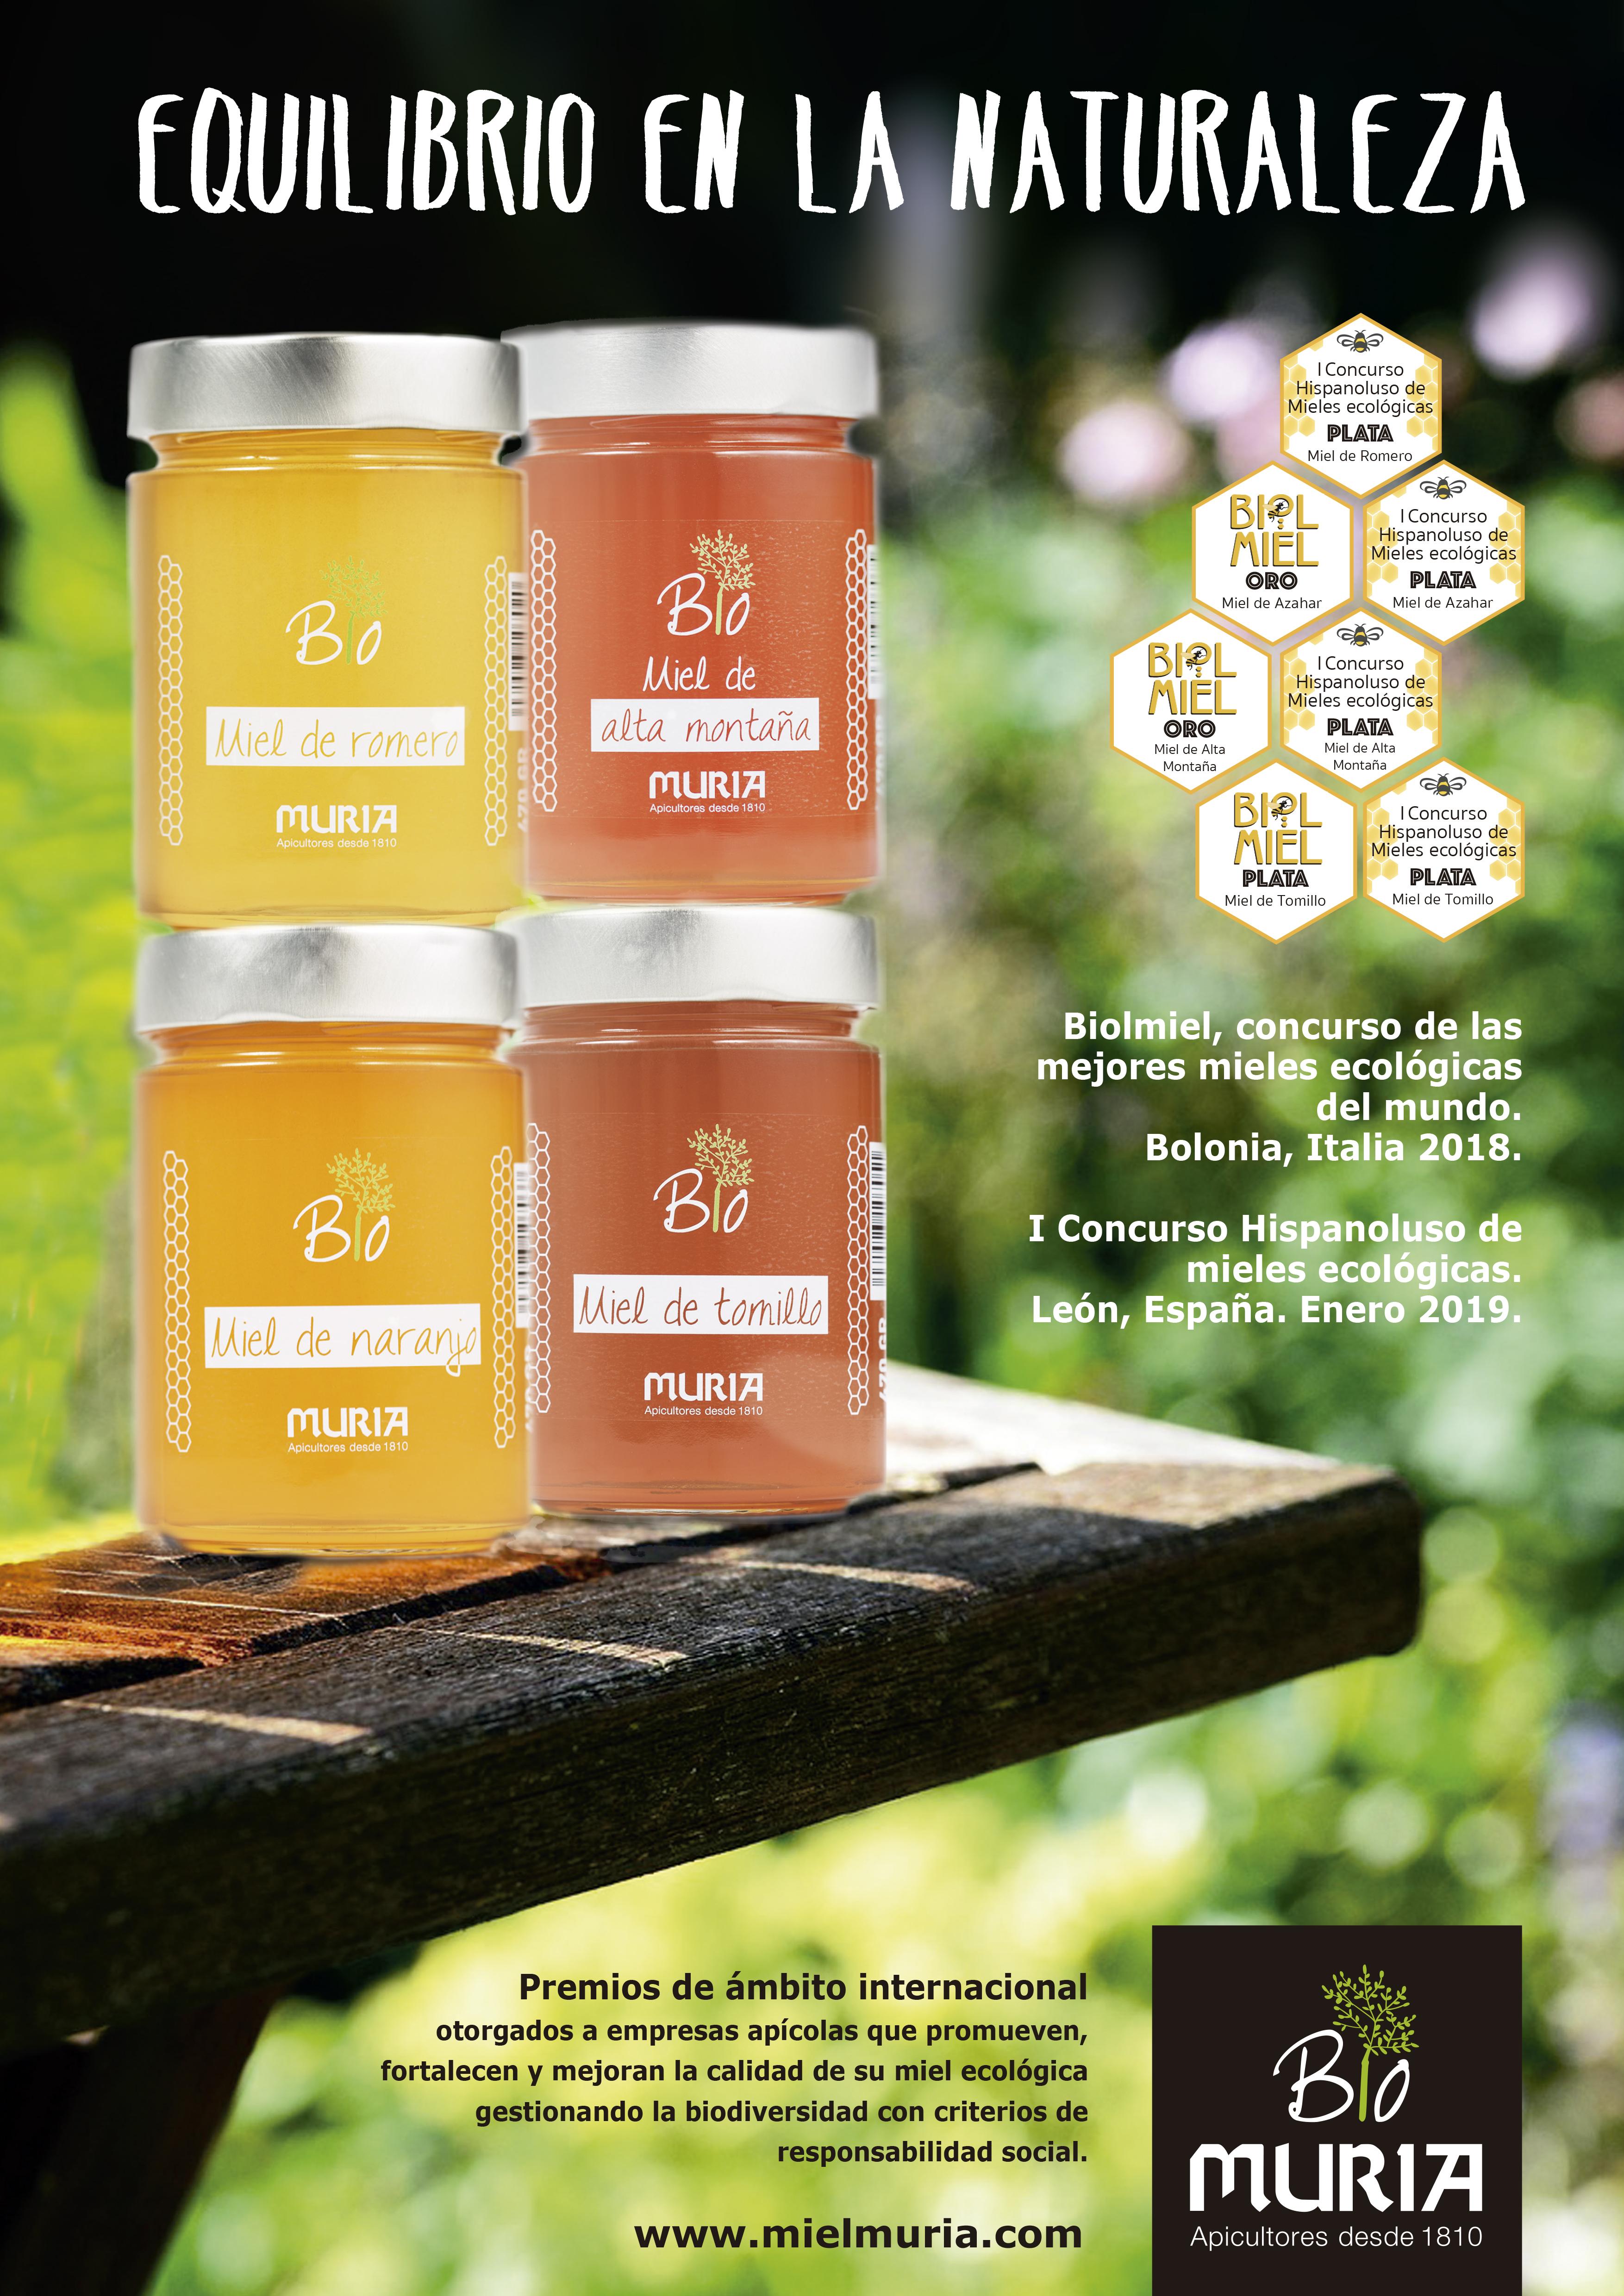 Dos nuevas distinciones internacionales para la colección de miel ecológica Muria BIO